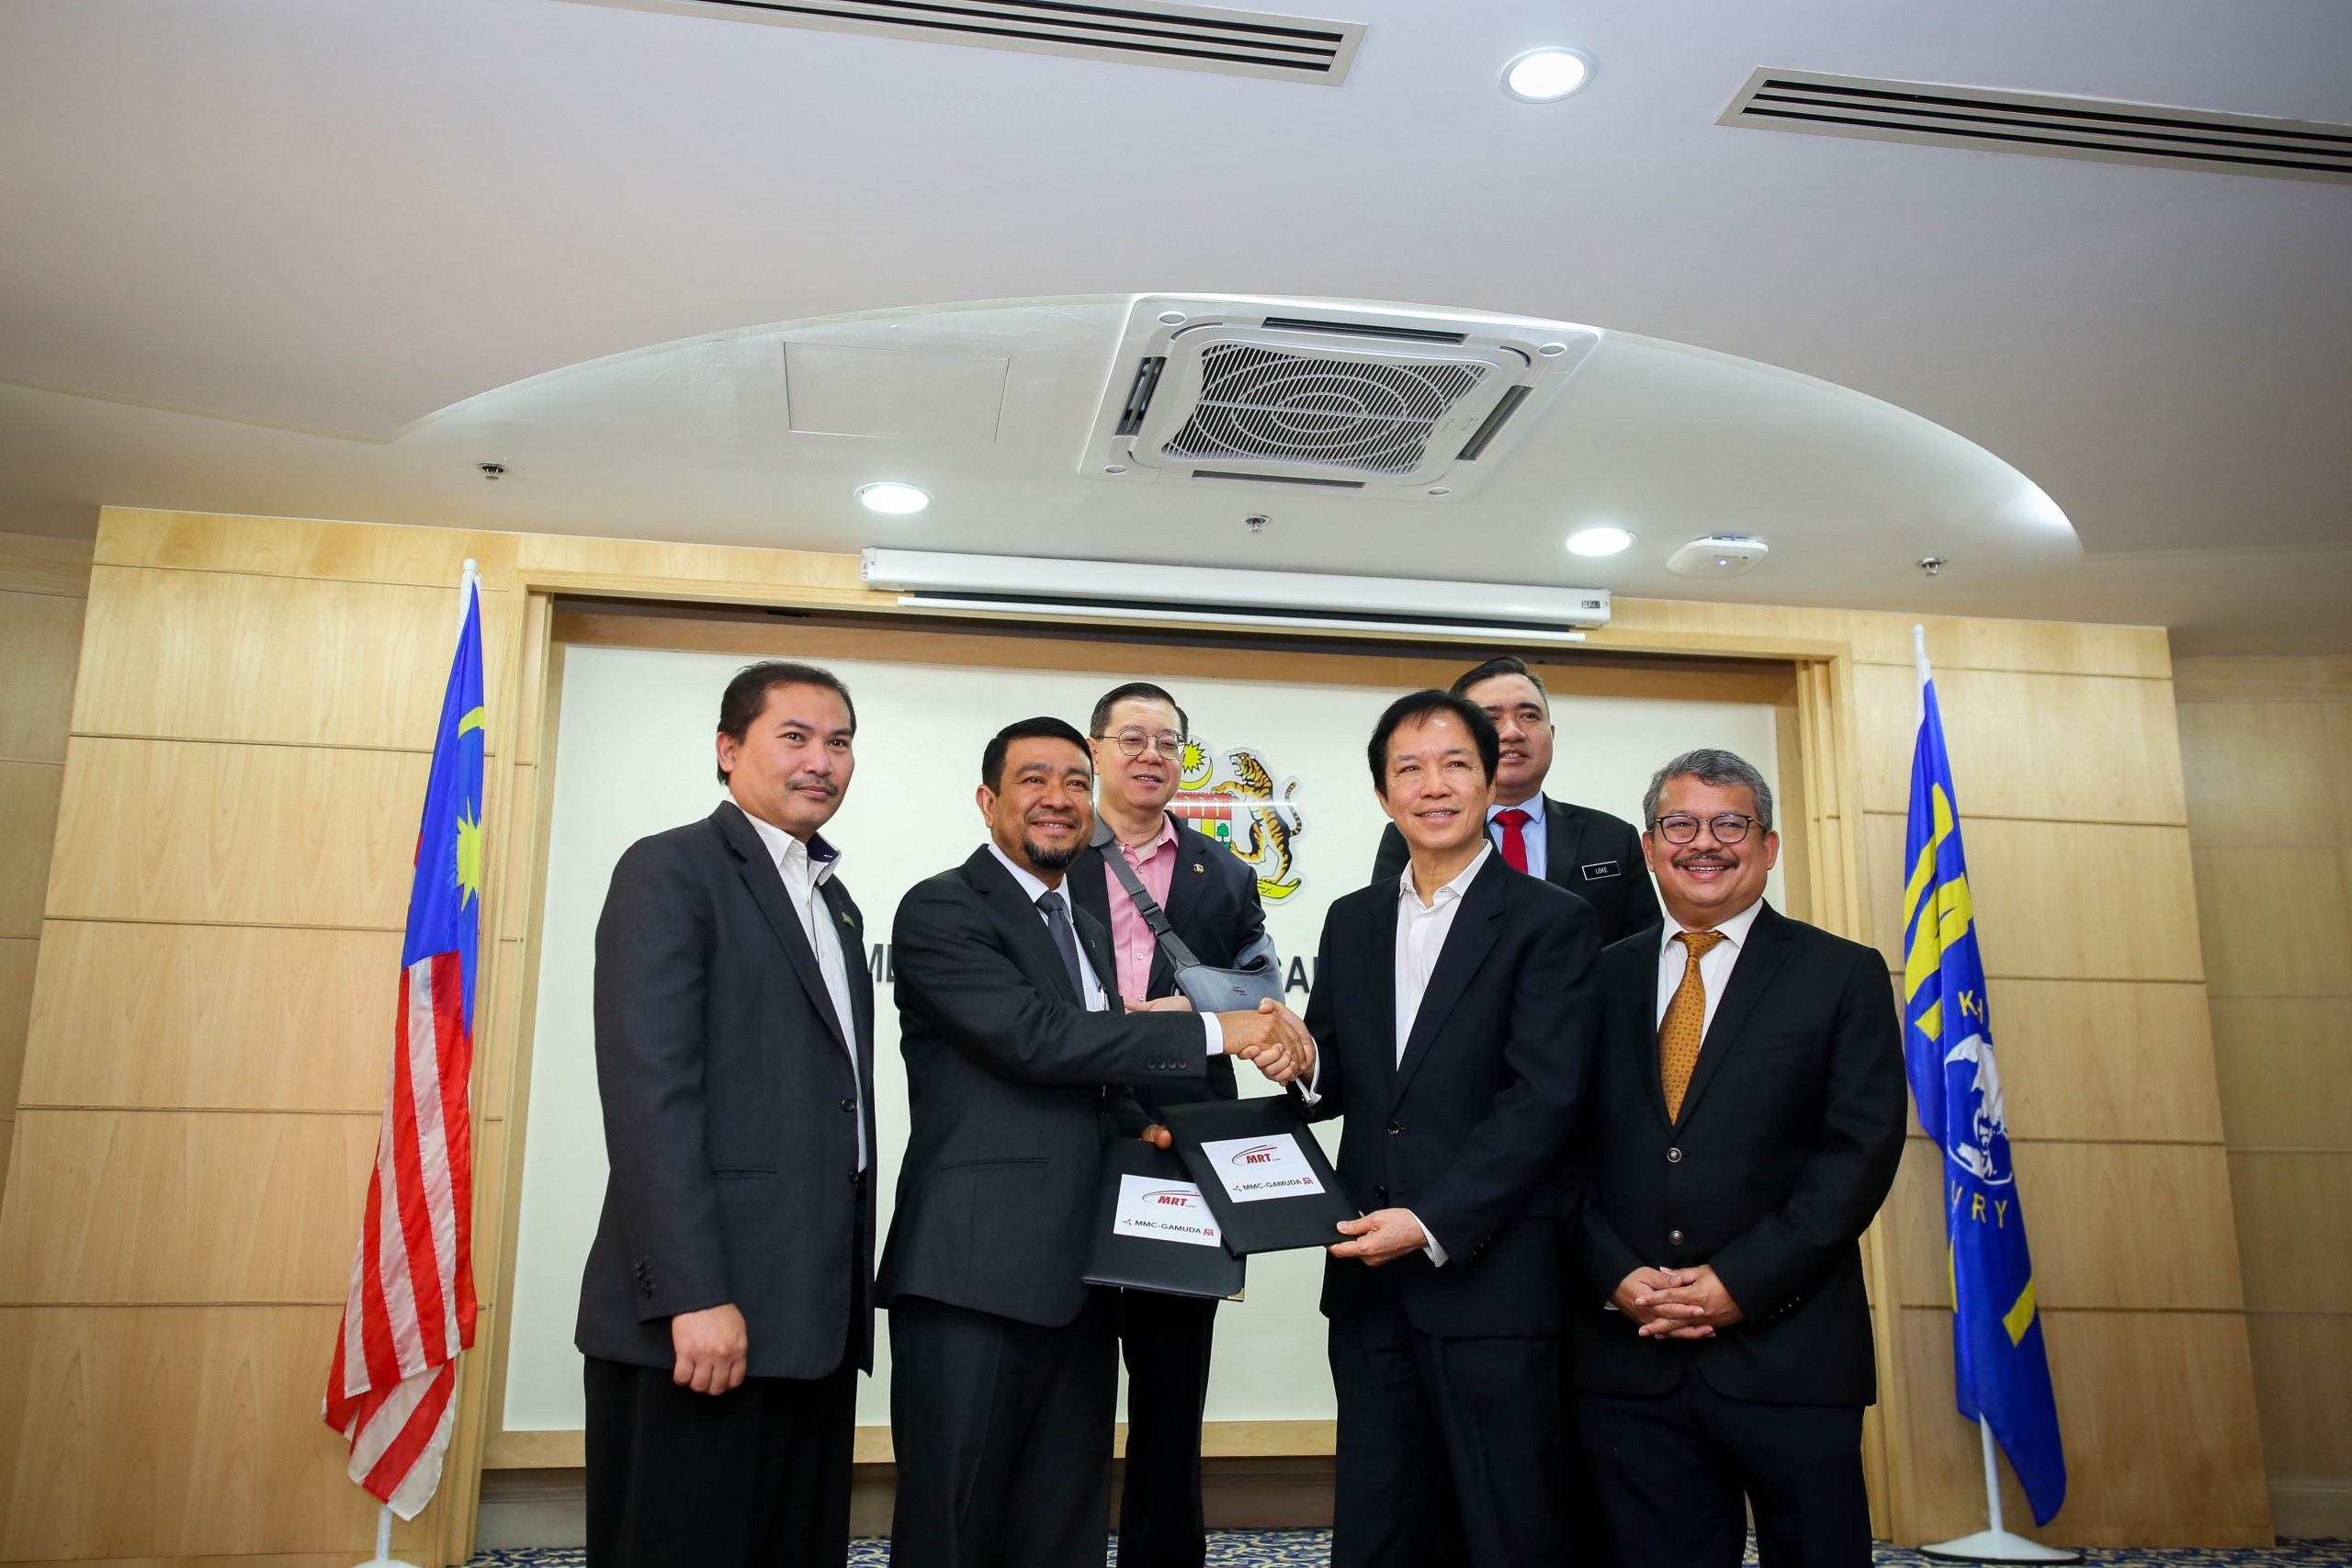 PERTUKARAN DOKUMEN: Ketua Pegawai Eksekutif Mass Rapid Transit Corporation Sdn Bhd, Encik Abdul Yazid Kassim (dua dari kiri) bertukar Perjanjian Tambahan Laluan MRT Sungai Buloh-Serdang-Putrajaya yang telah ditandatangani, dengan Pengarah MMC Gamuda KVMRT (PDP SSP) Sdn Bhd, Dato' Ir. Paul Ha (tiga dari kanan)